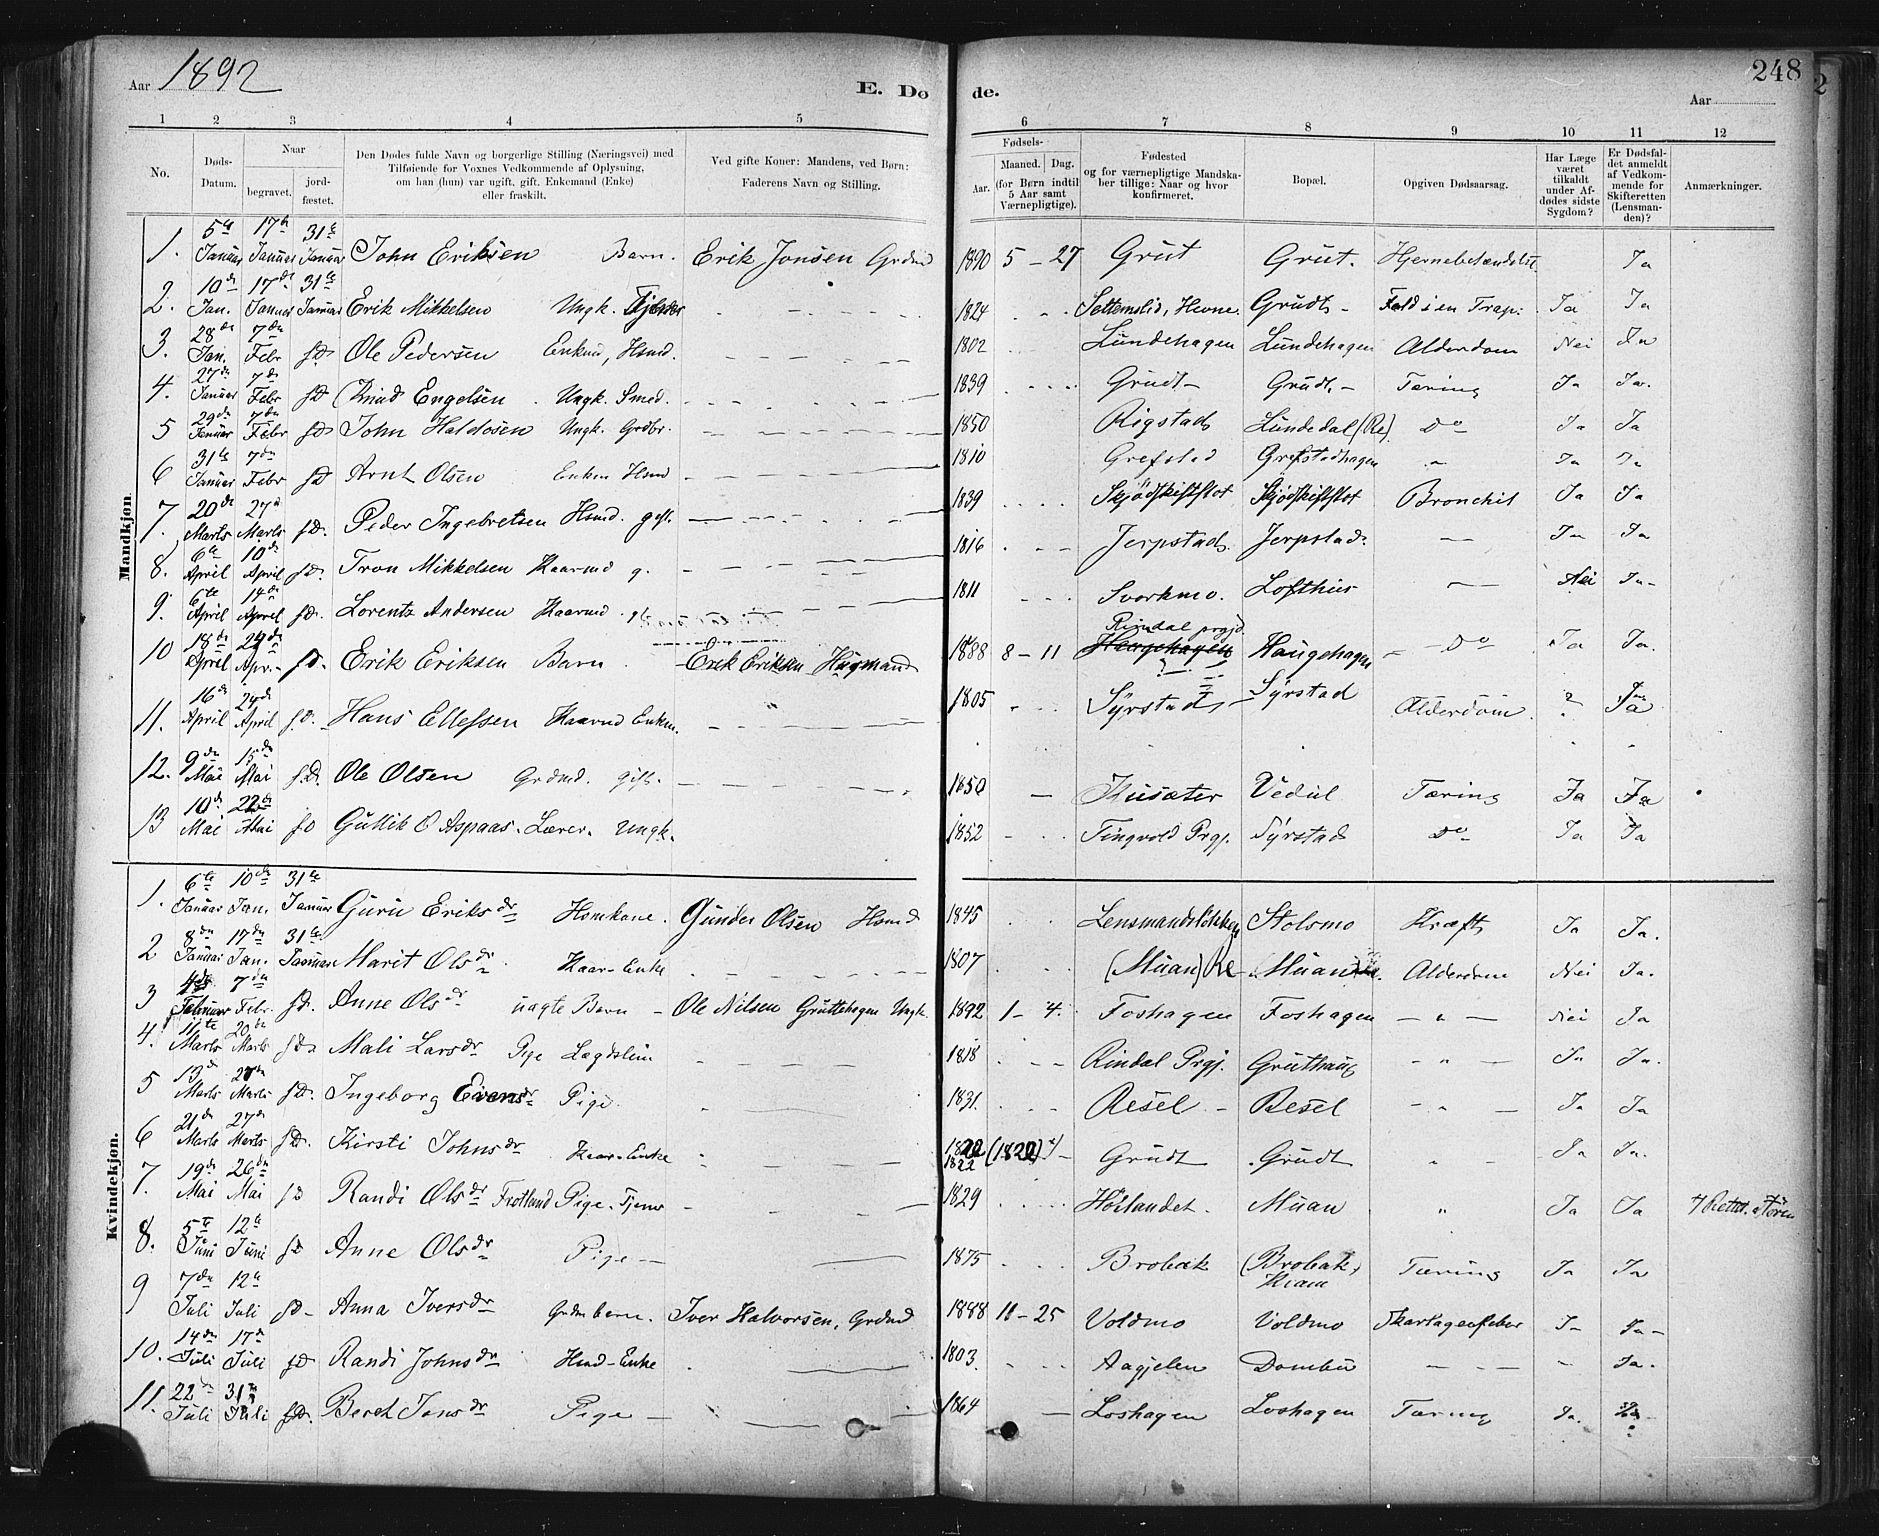 SAT, Ministerialprotokoller, klokkerbøker og fødselsregistre - Sør-Trøndelag, 672/L0857: Ministerialbok nr. 672A09, 1882-1893, s. 248